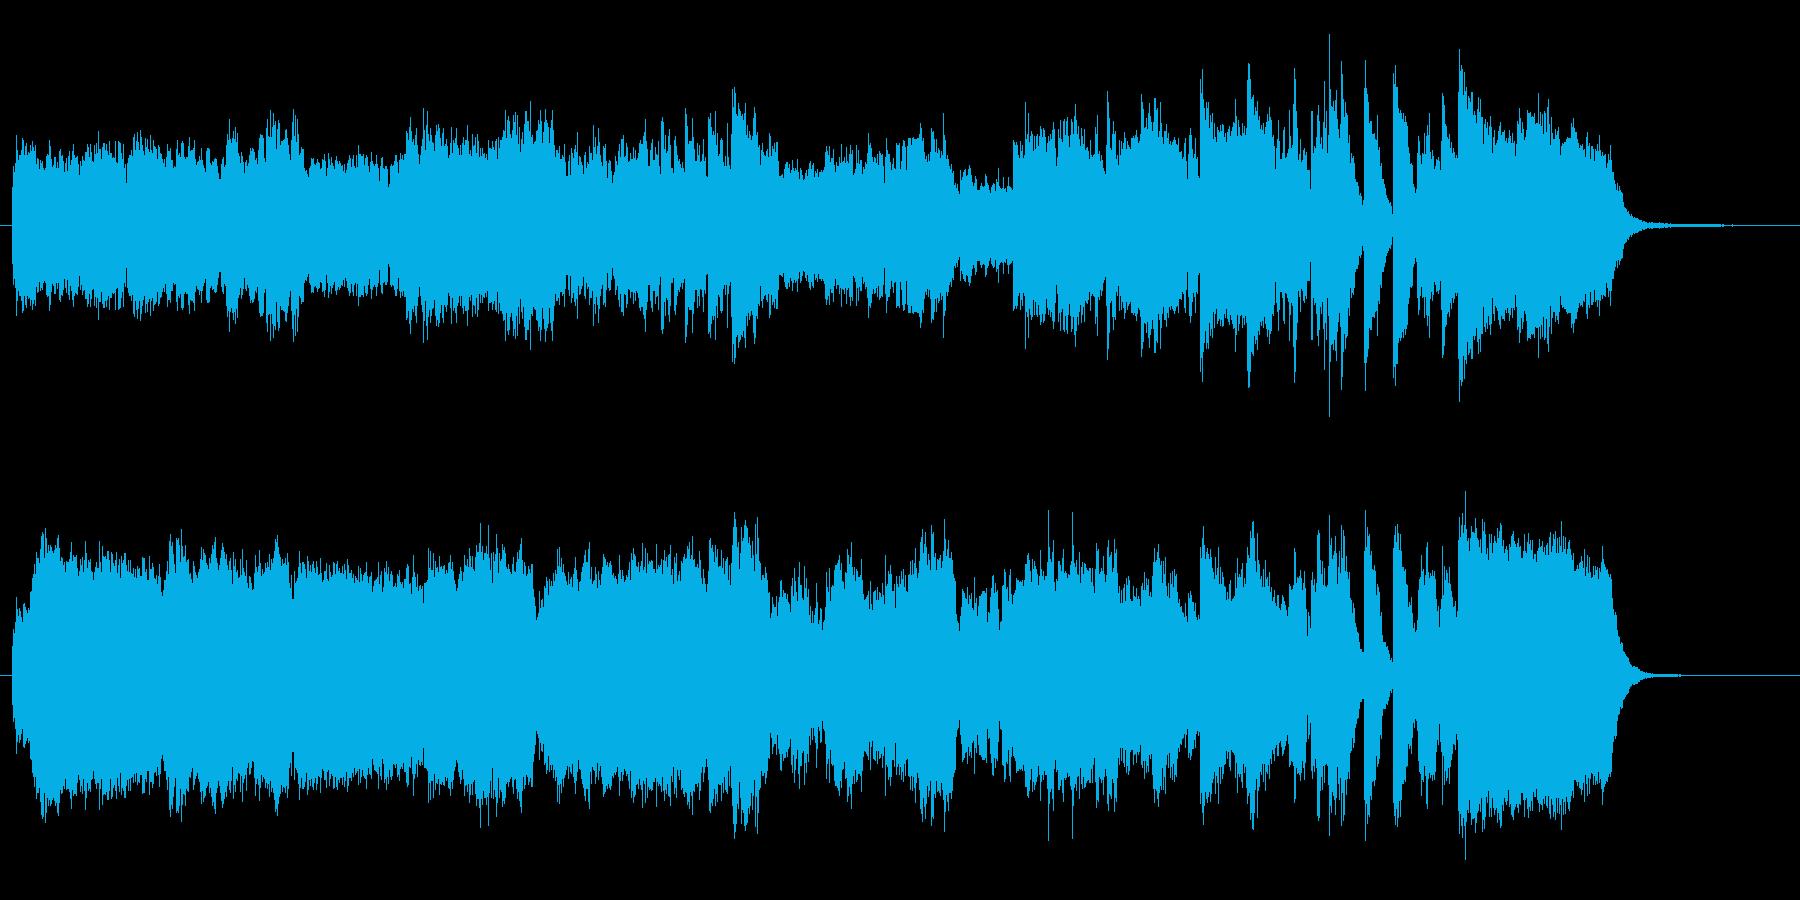 オリンピックっぽいファンファーレの再生済みの波形